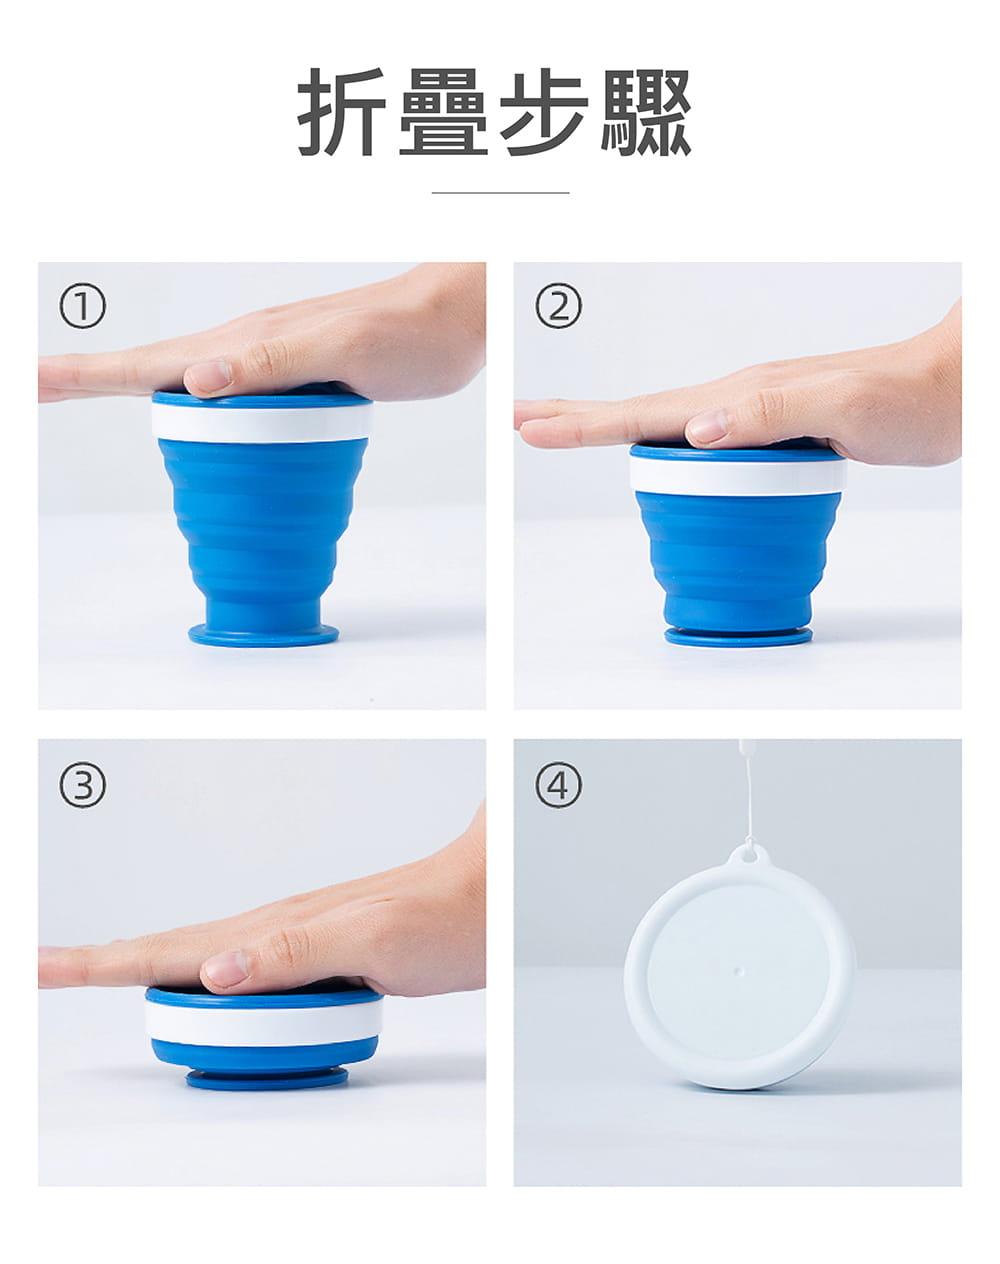 【英才星】太力旅行便攜輕巧摺疊矽膠杯 11